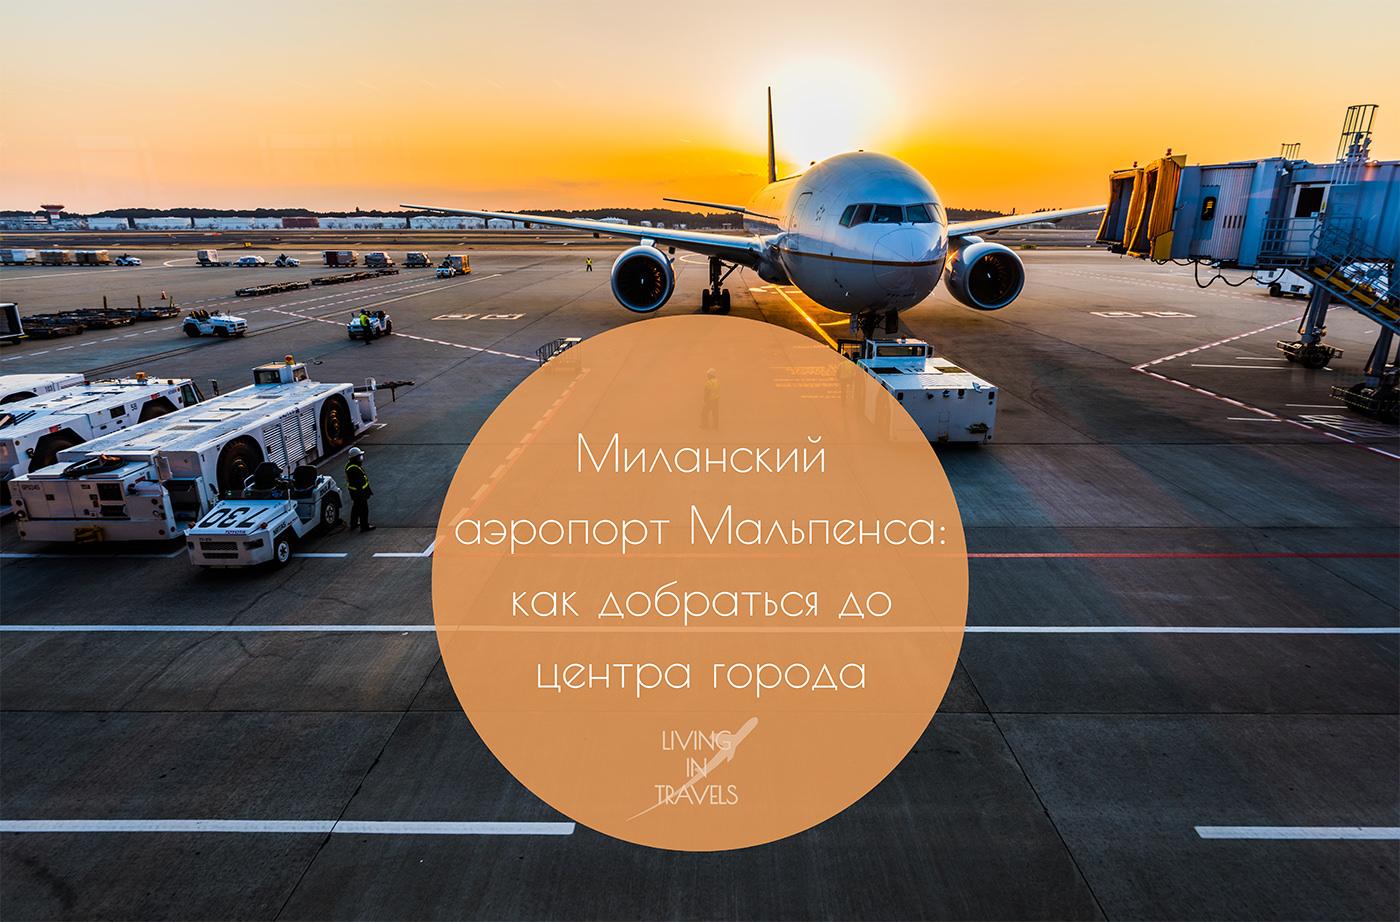 Миланский аэропорт Мальпенса: как добраться до центра города